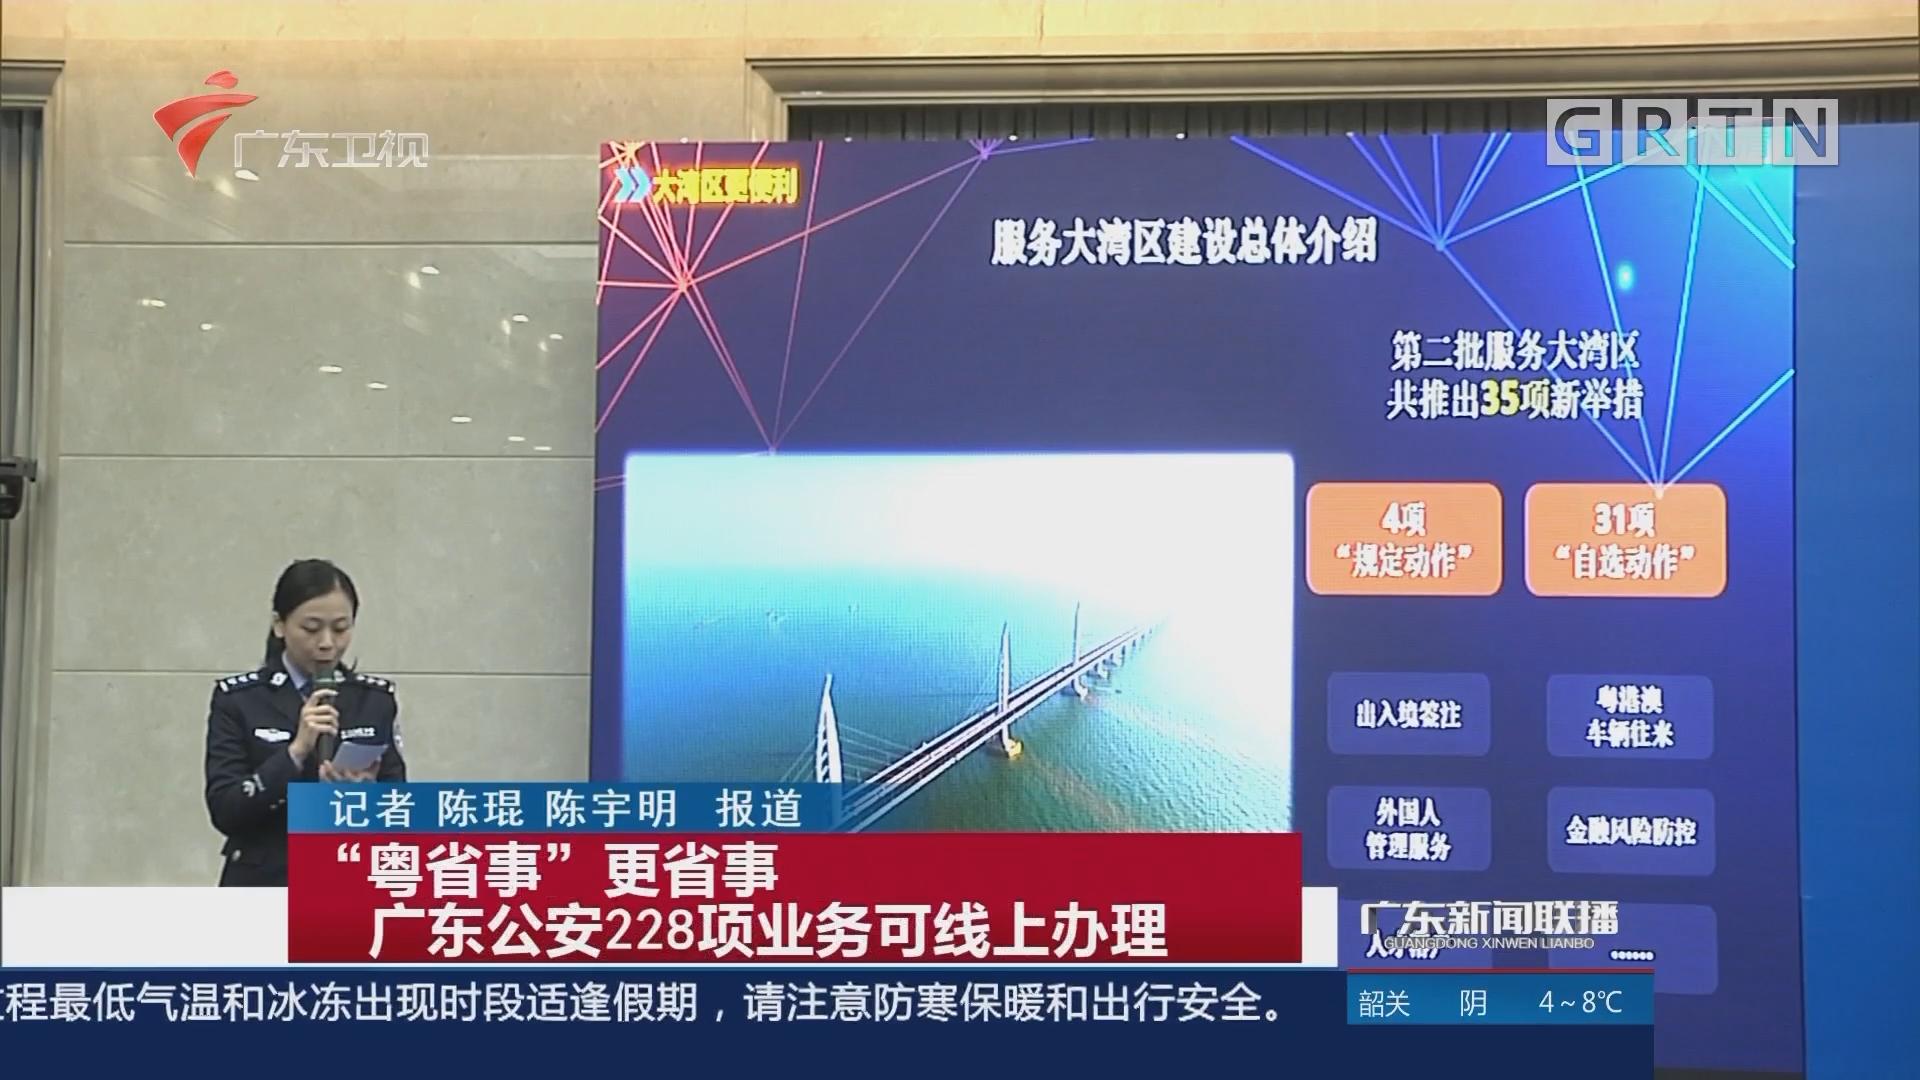 """""""粤省事""""更省事 广东公安228项业务可线上办理"""